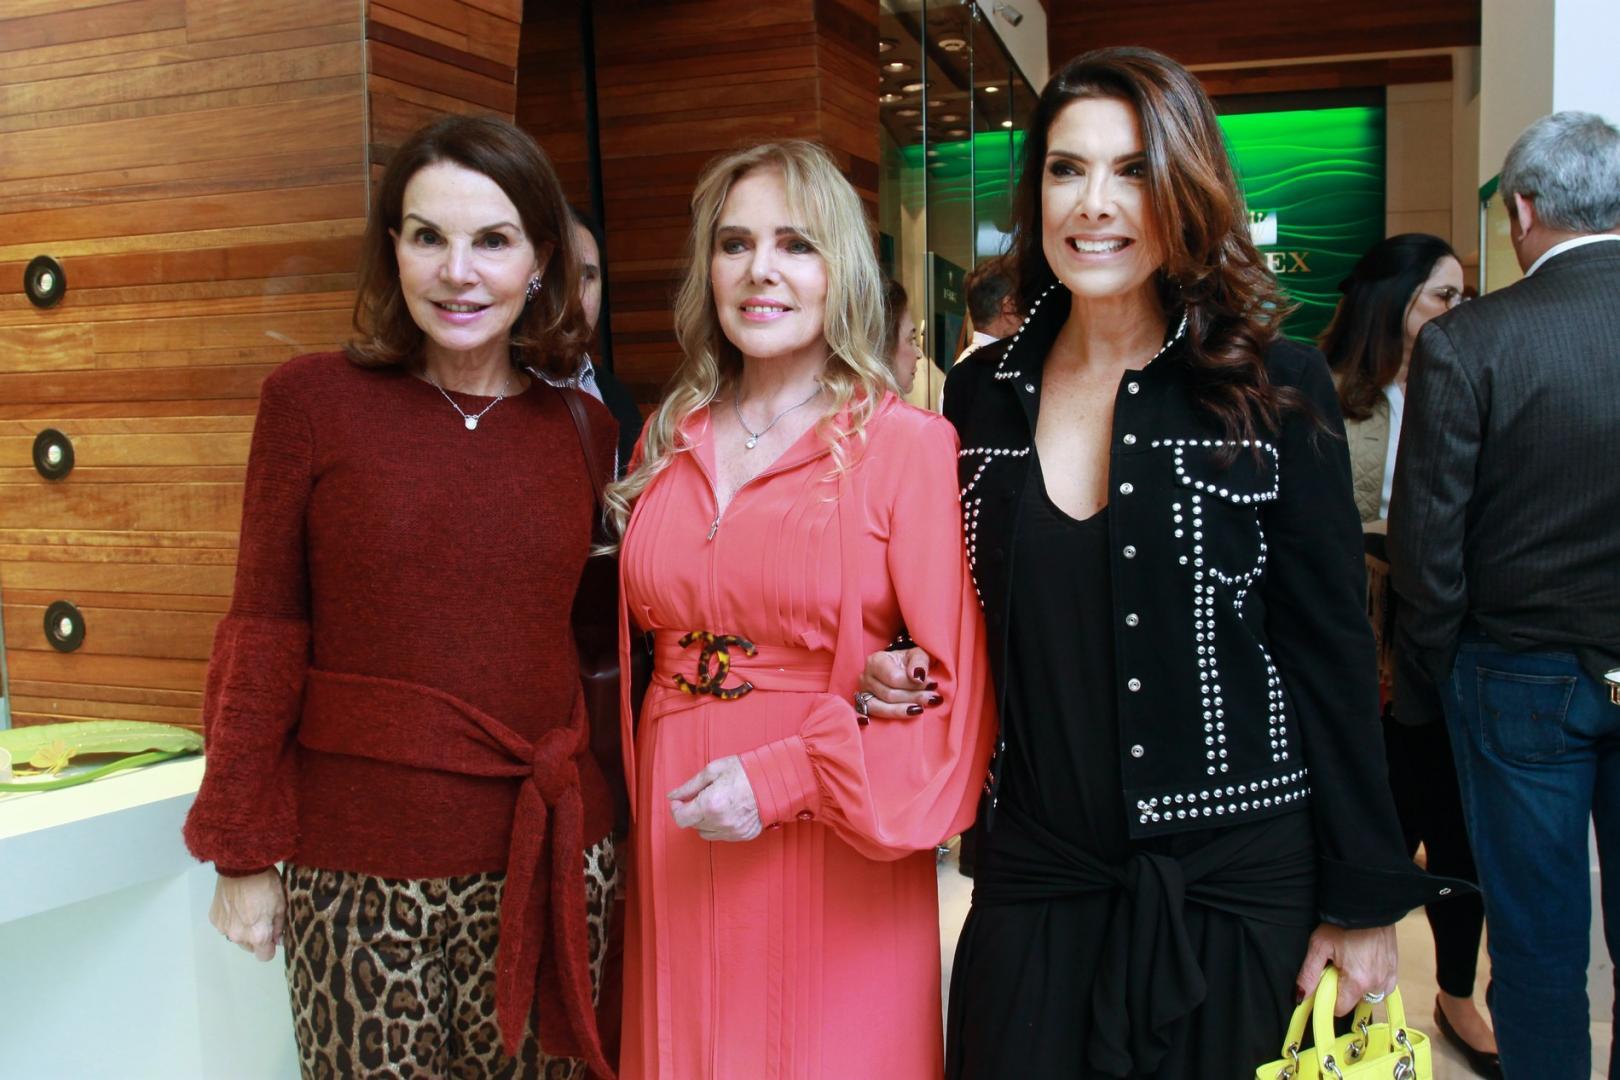 Rolex e Sara inauguram espaço itinerante